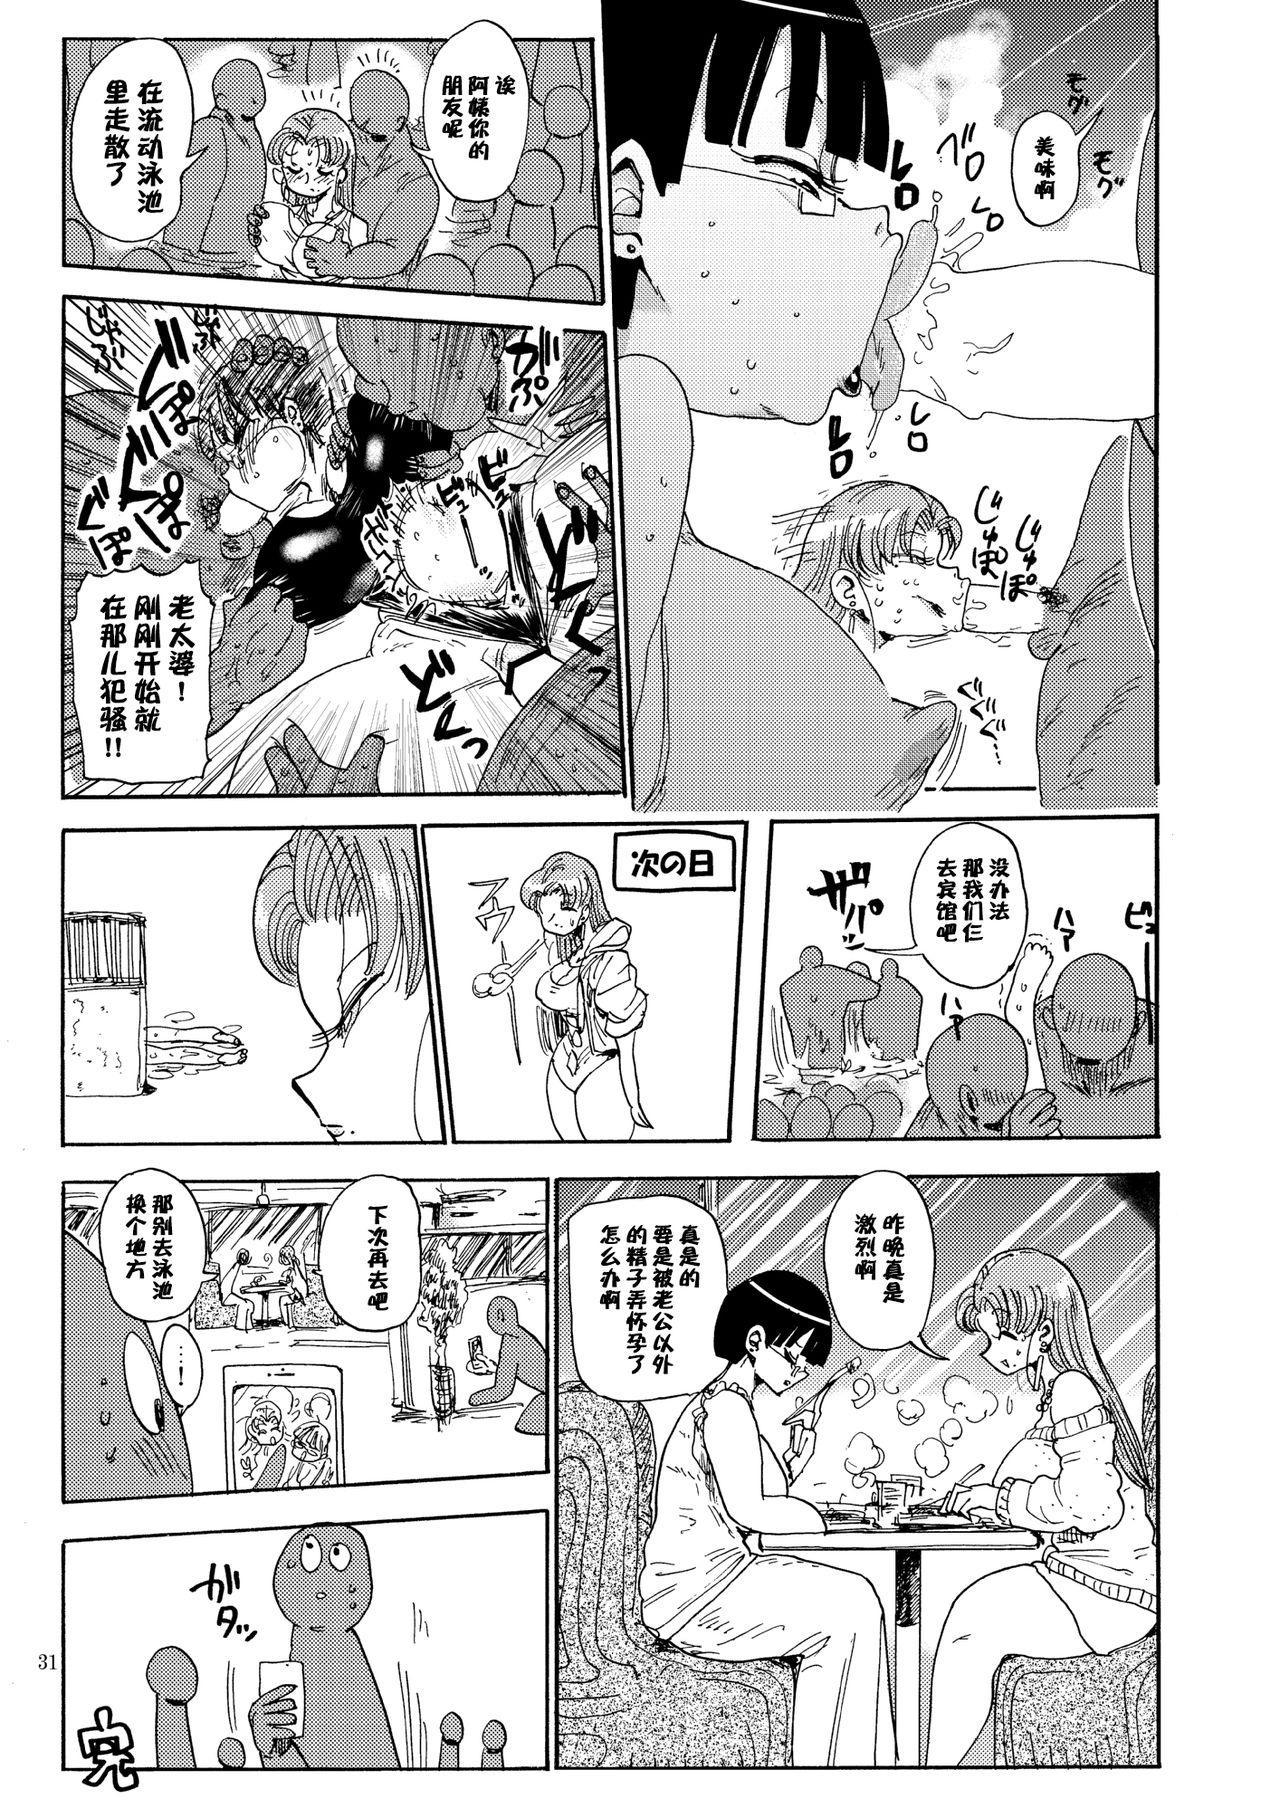 Nandemo Chousa Shoujo no Doujinshi ga Deta? Wakarimashita Chousa Shimasu 30